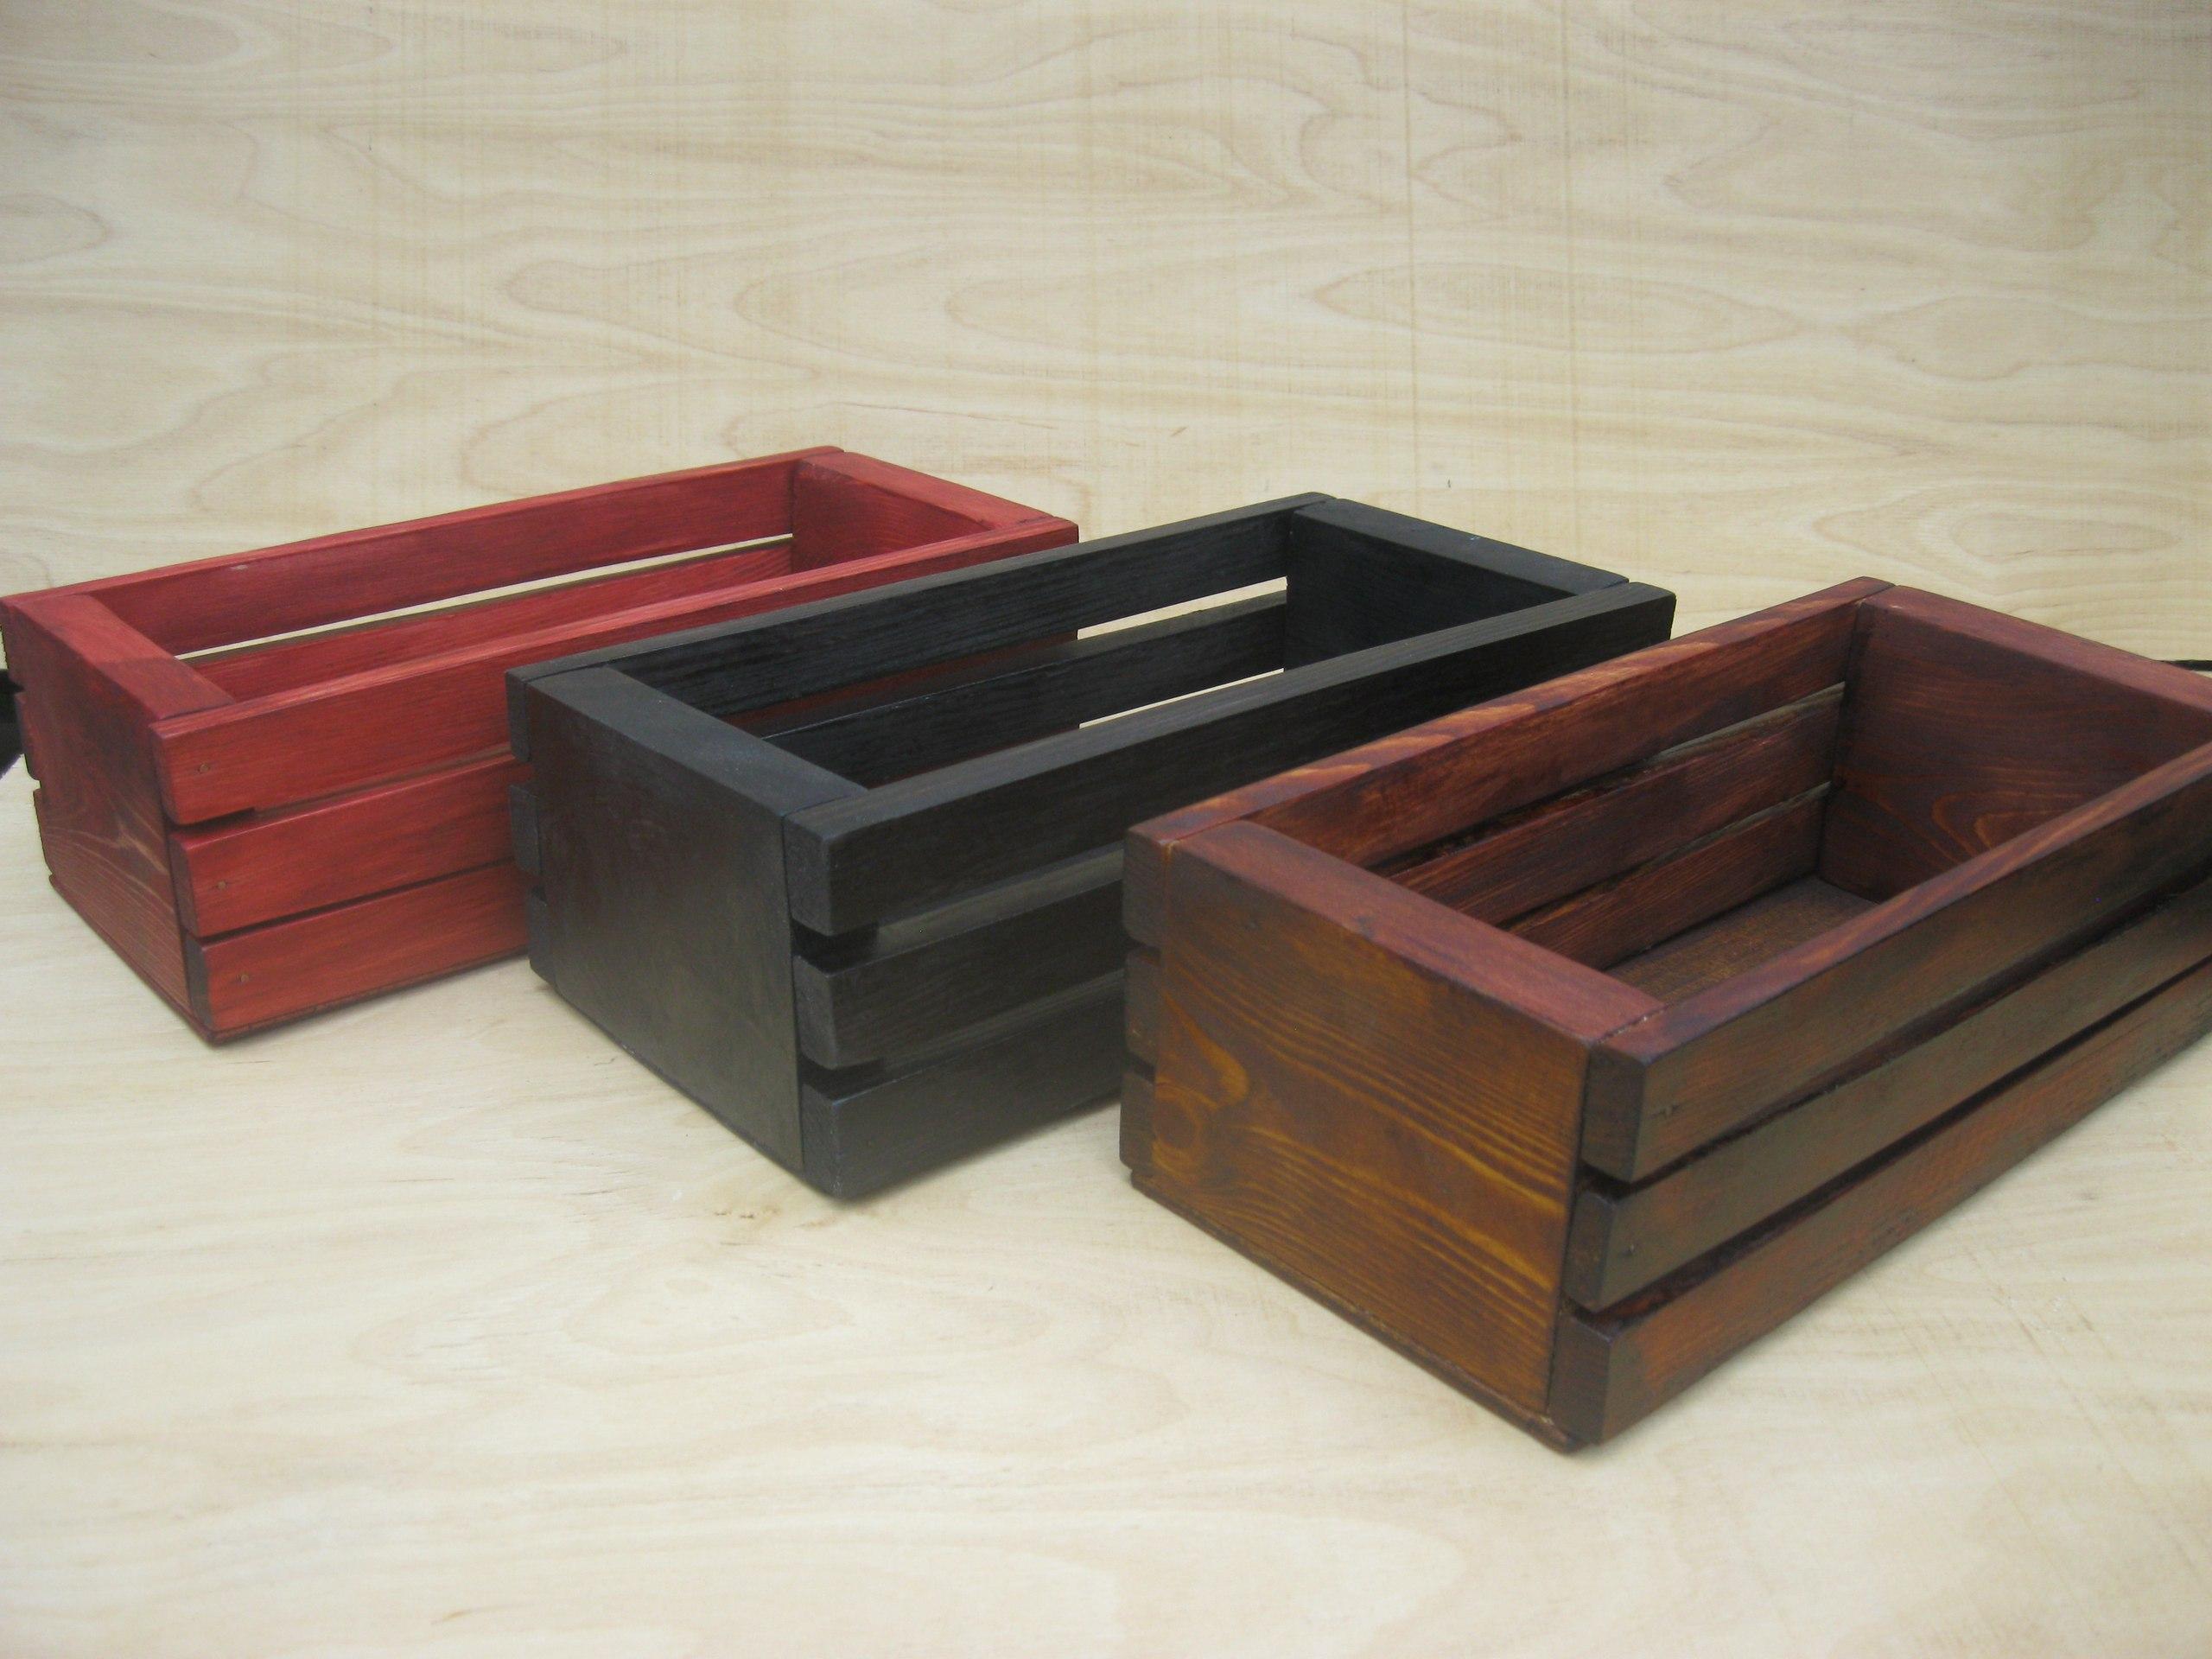 Декоративные интерьерные ящики в ассортименте